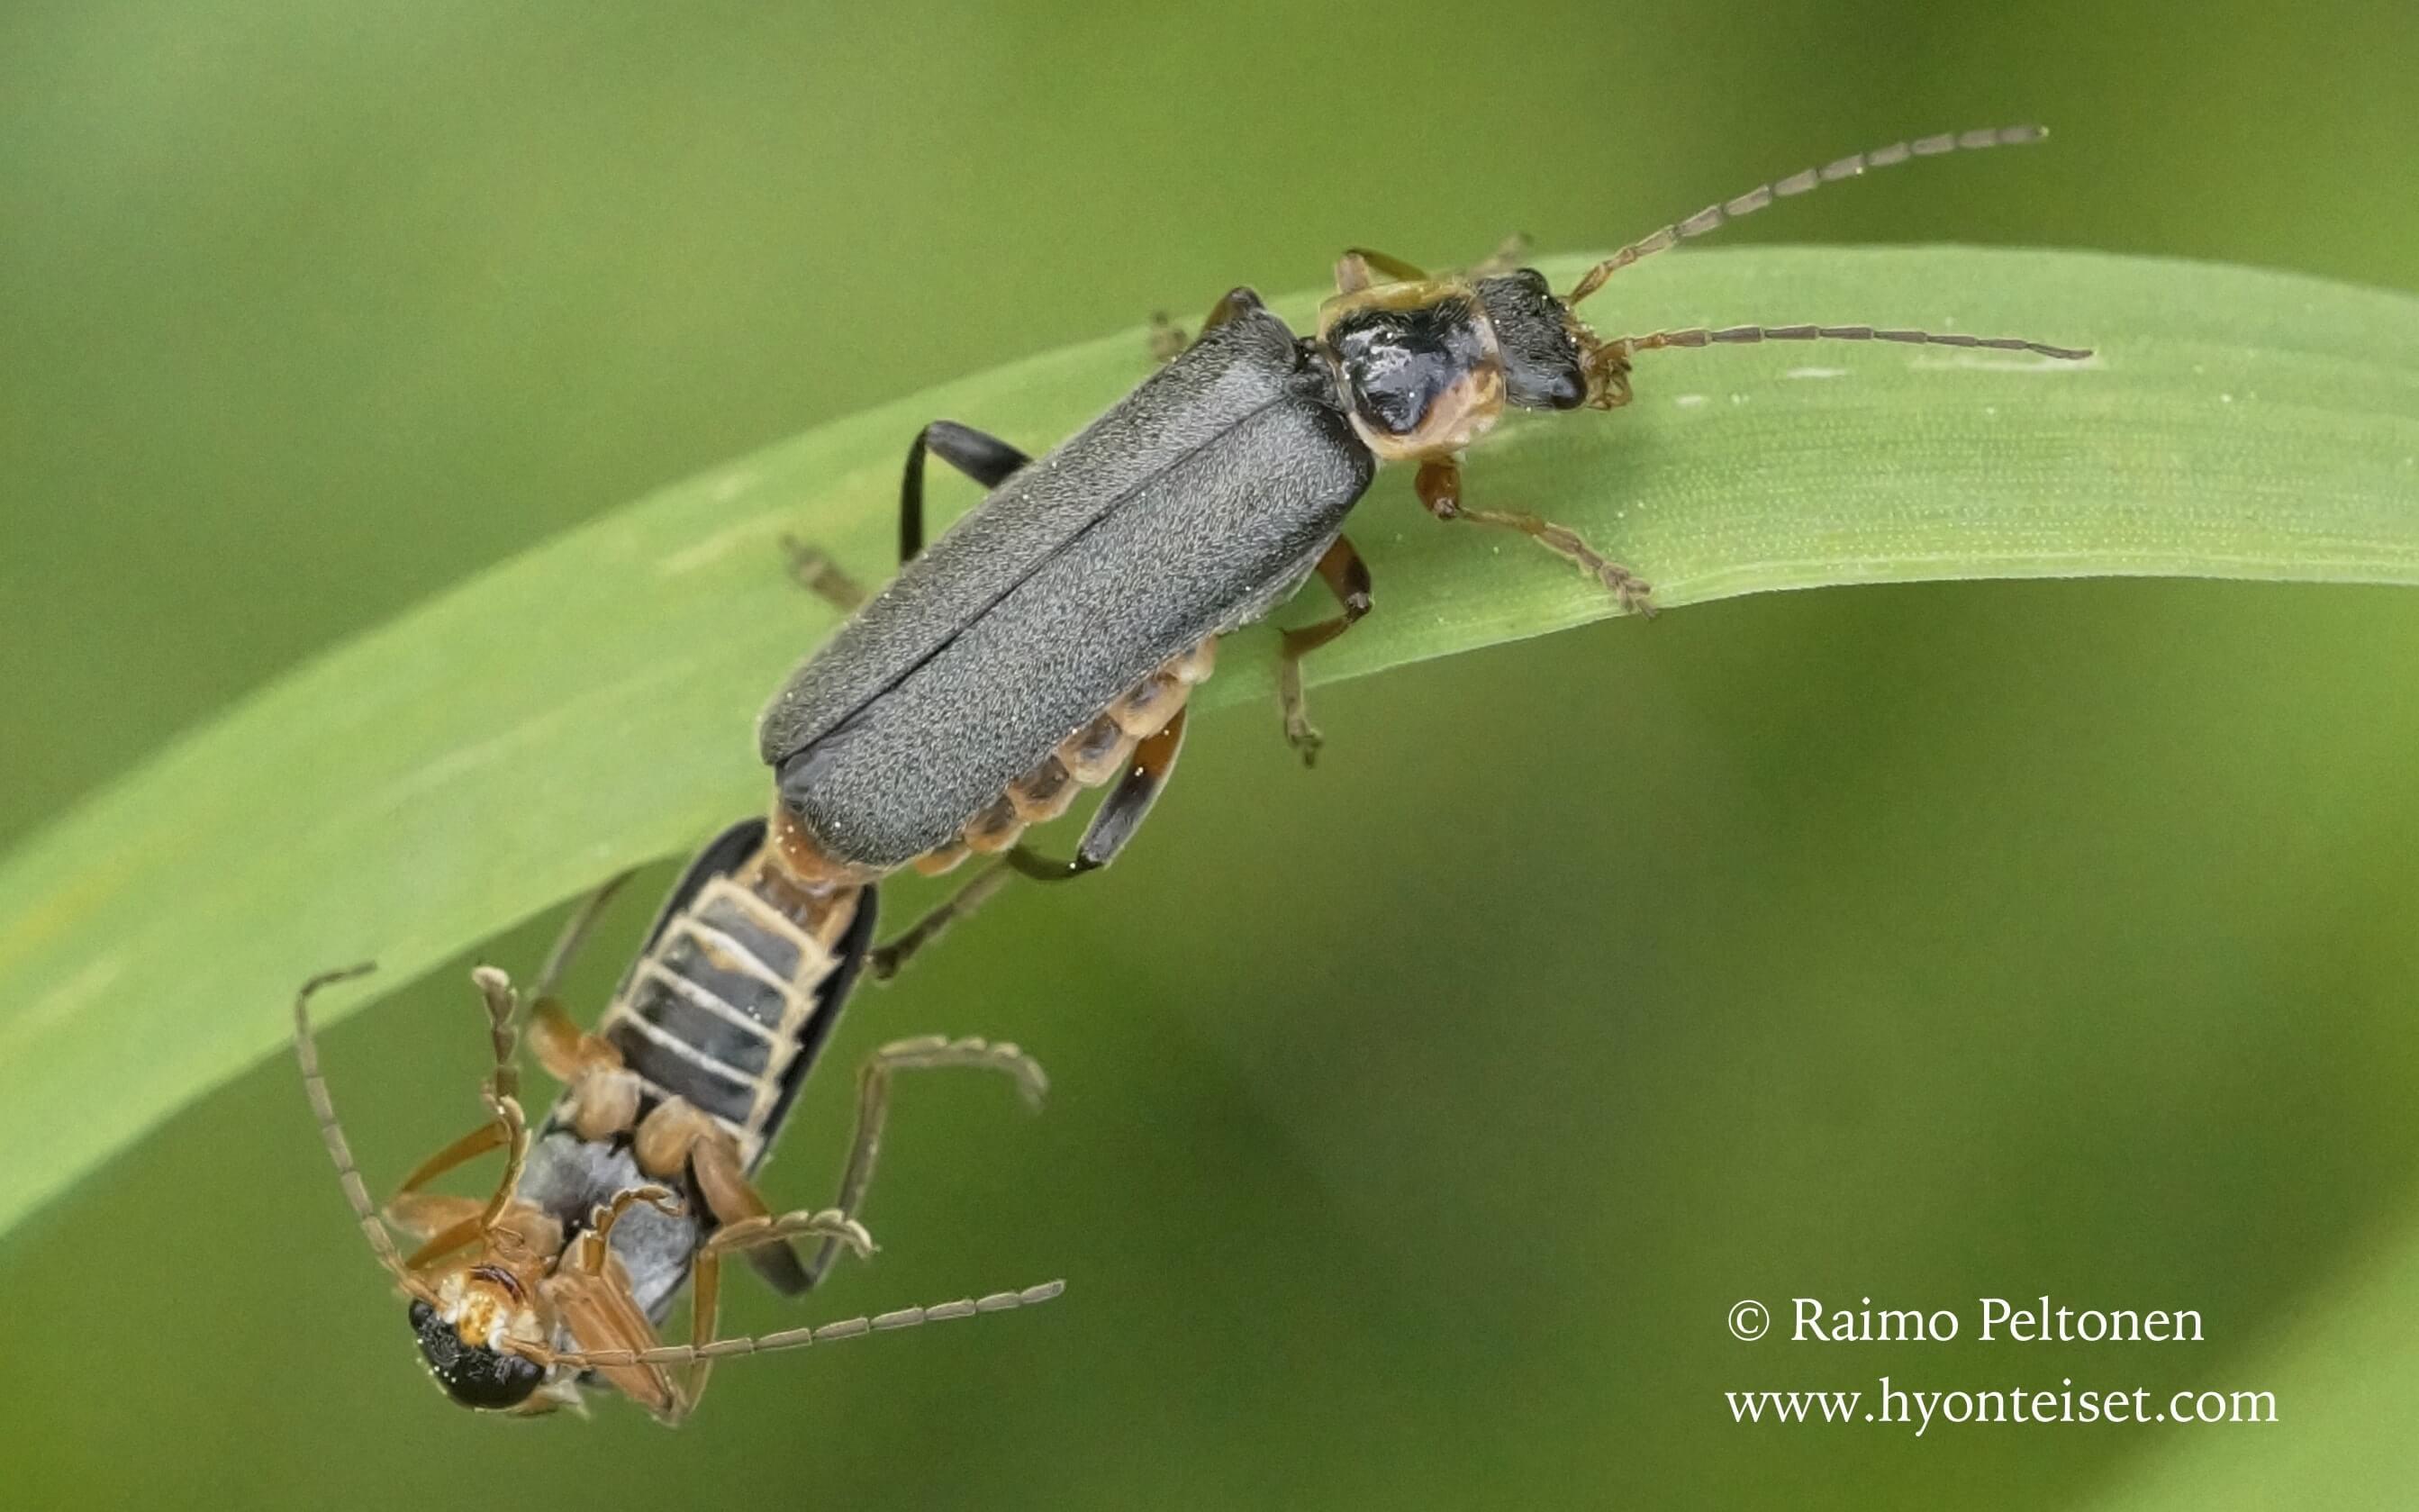 Cantharis nigricans-havusylkikuoriainen